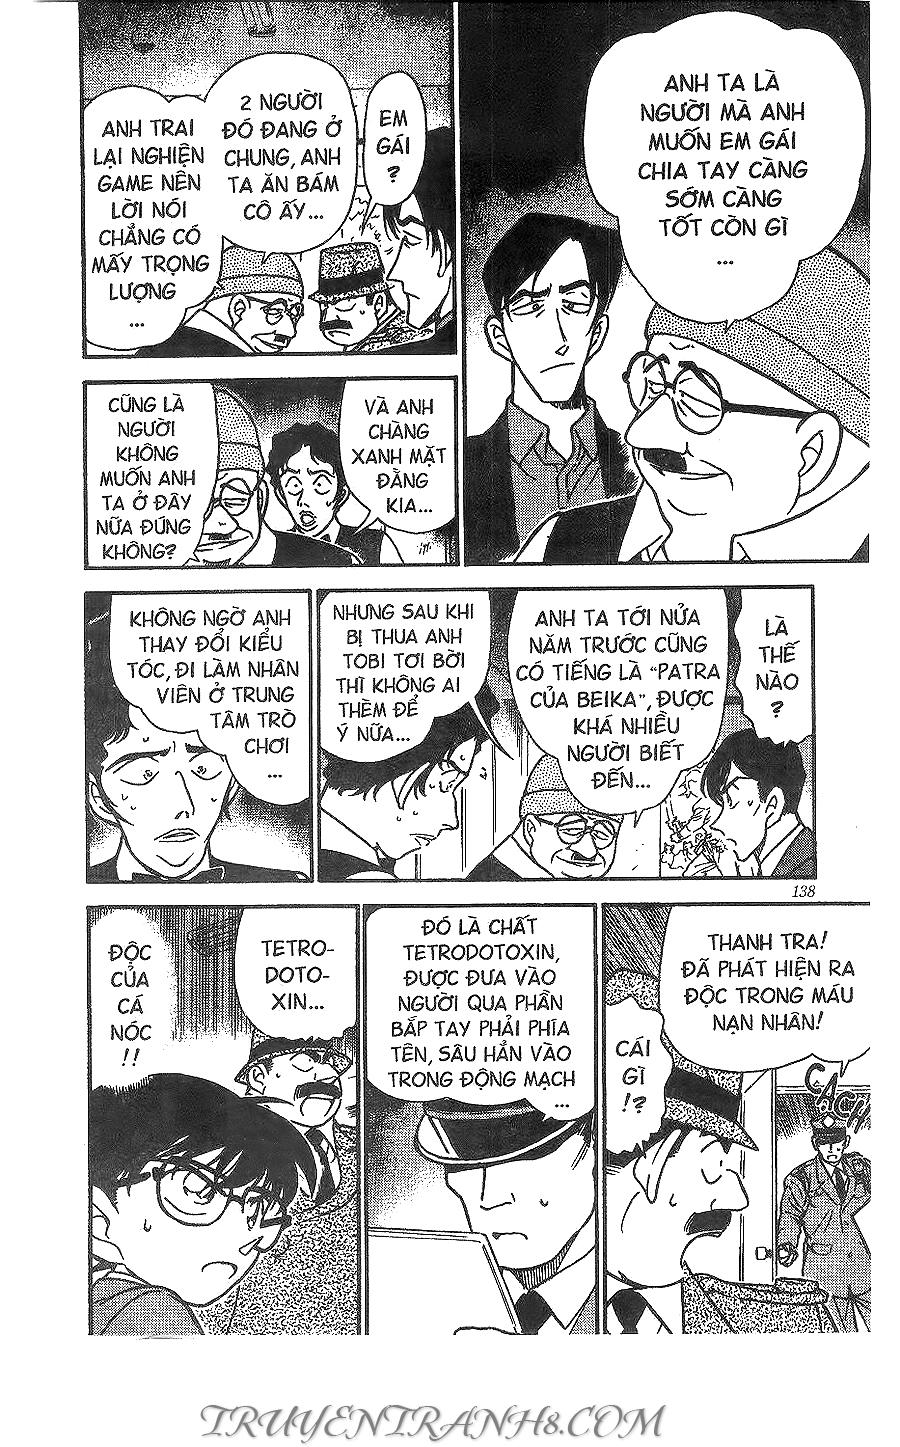 xem truyen moi - Conan Chap 271